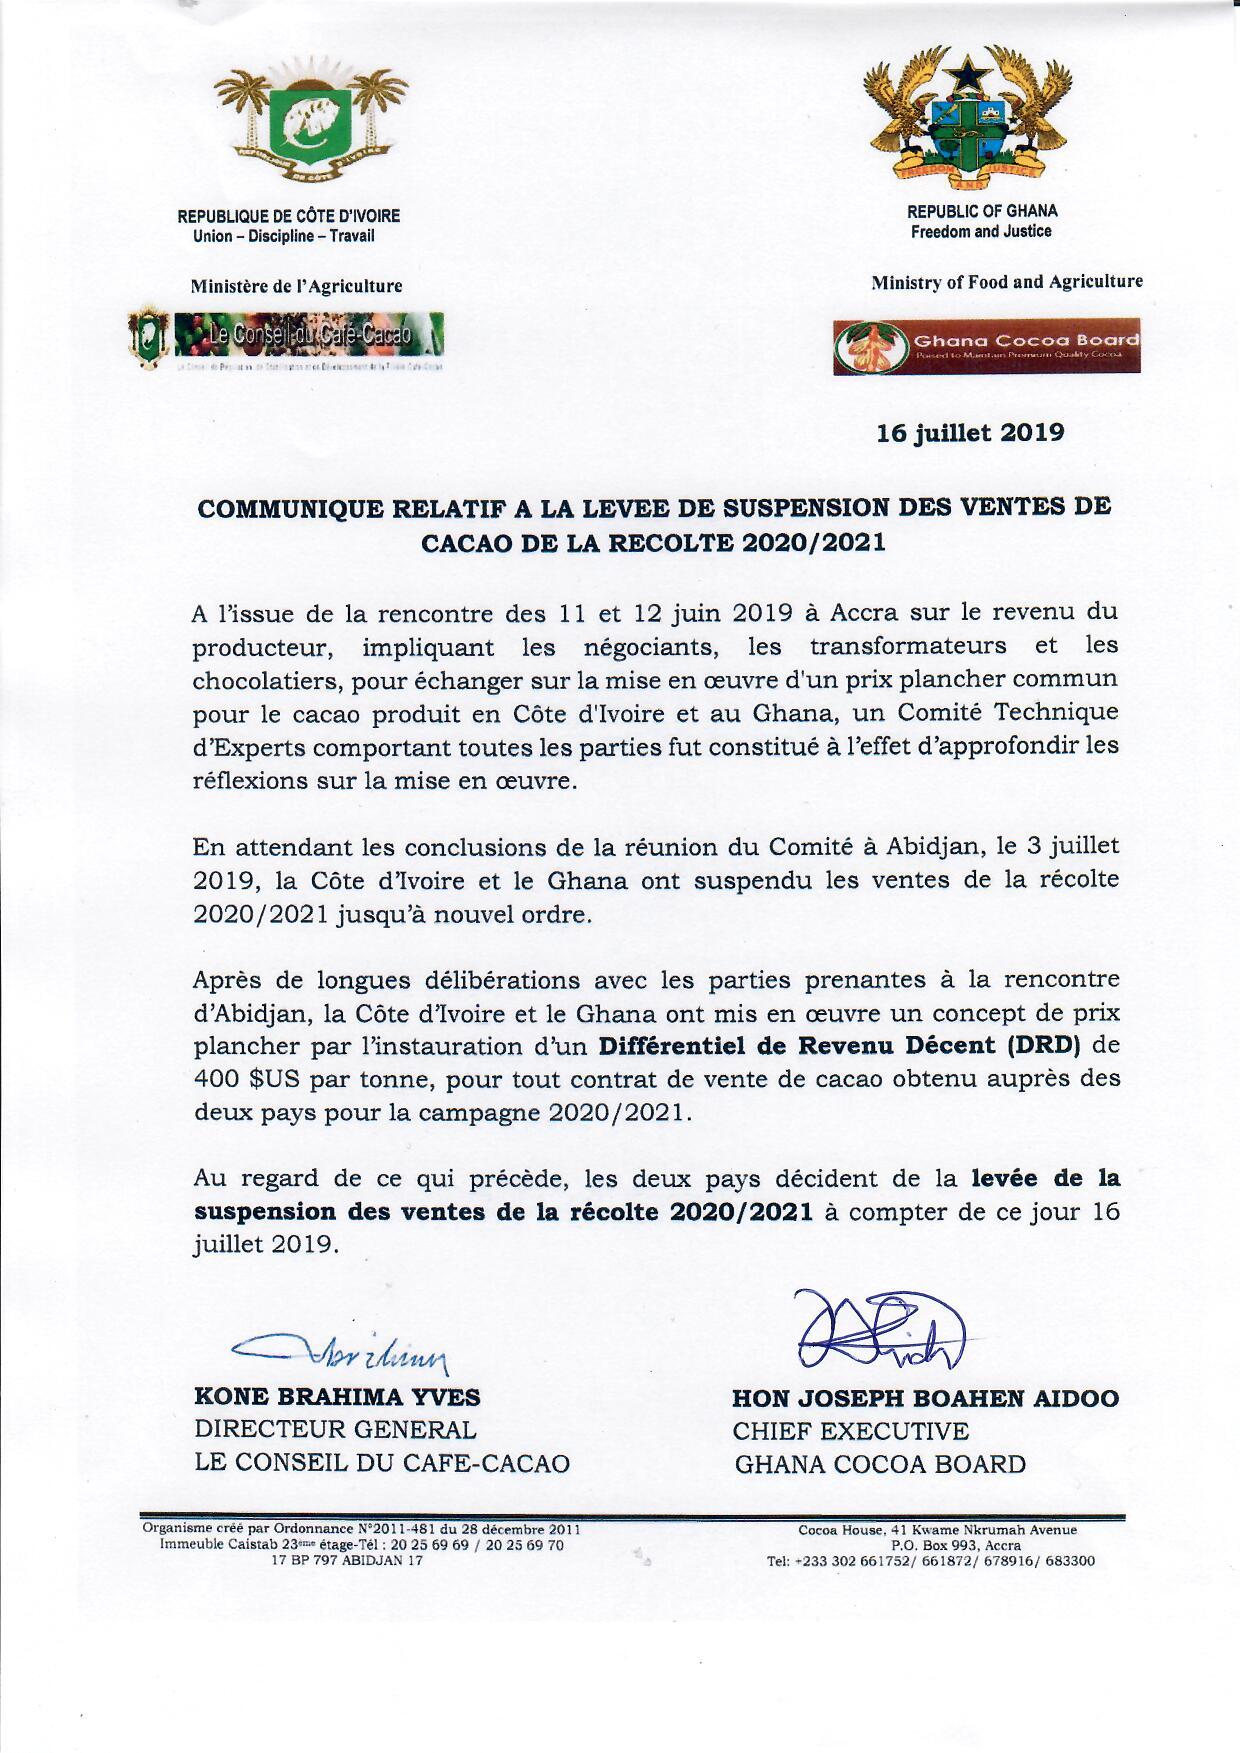 Cacao,Côte d'Ivoire,Ghana,suspension